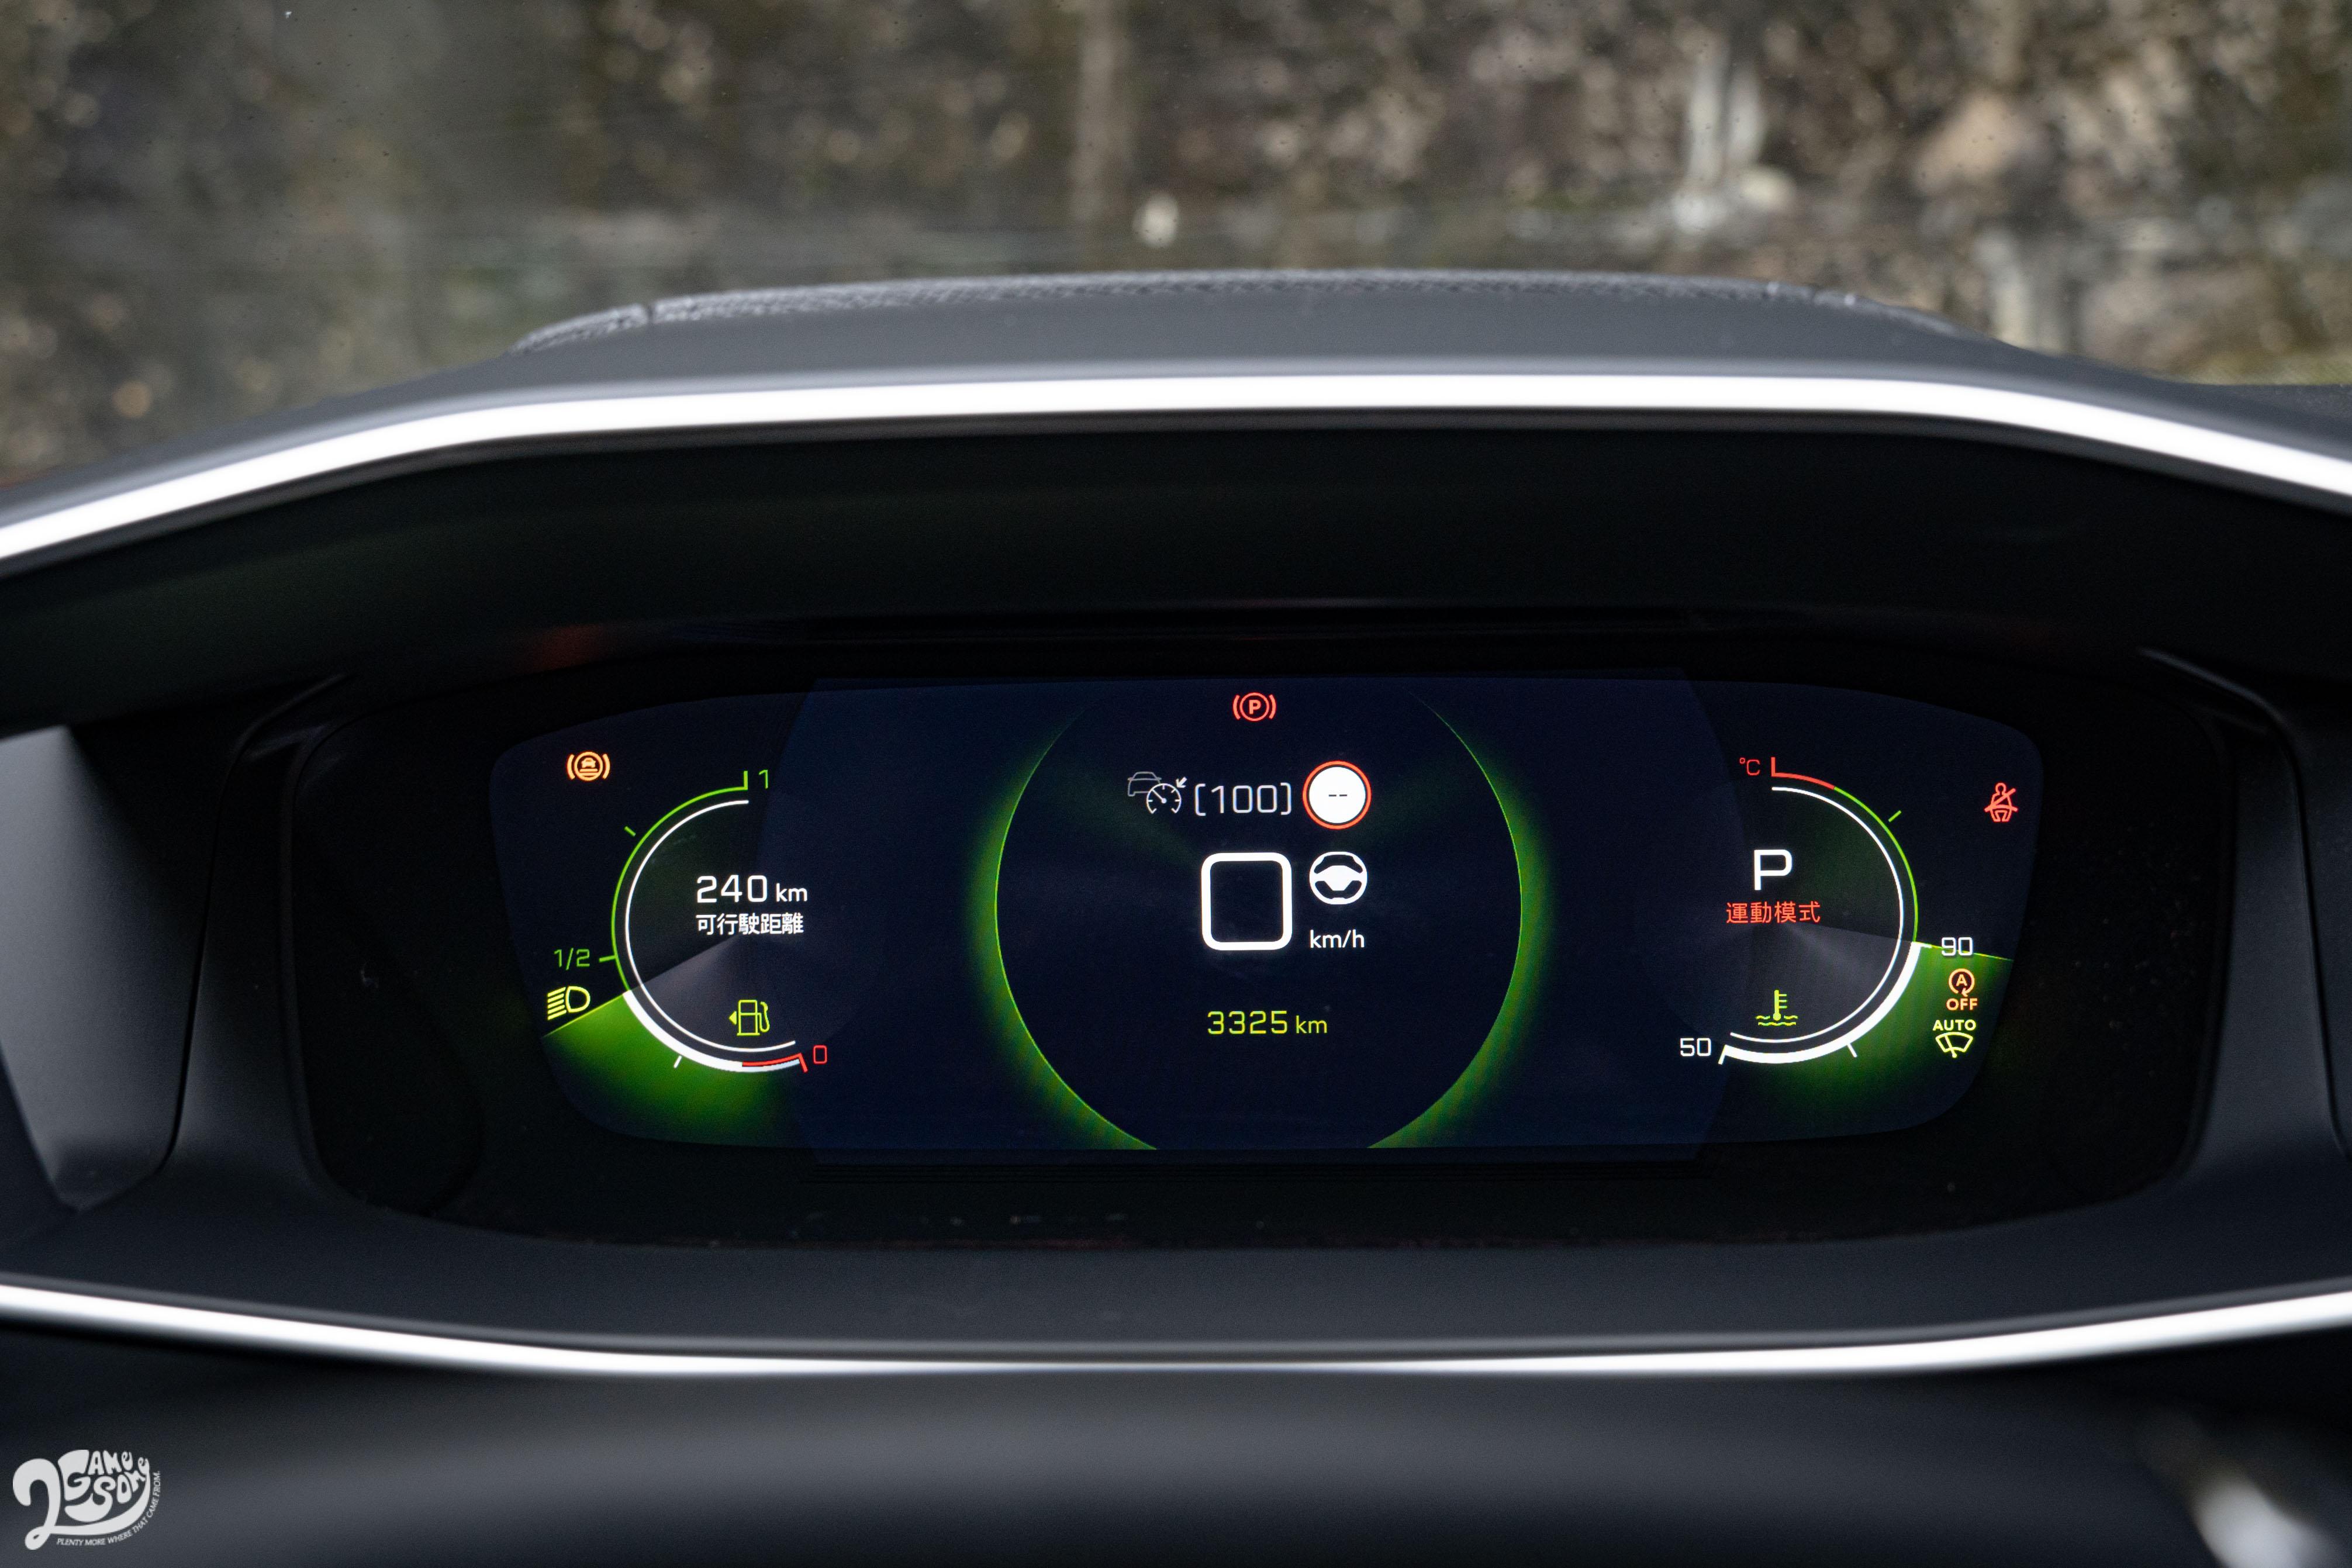 同時提供駕駛/自定/儀錶/精簡多模式選擇。